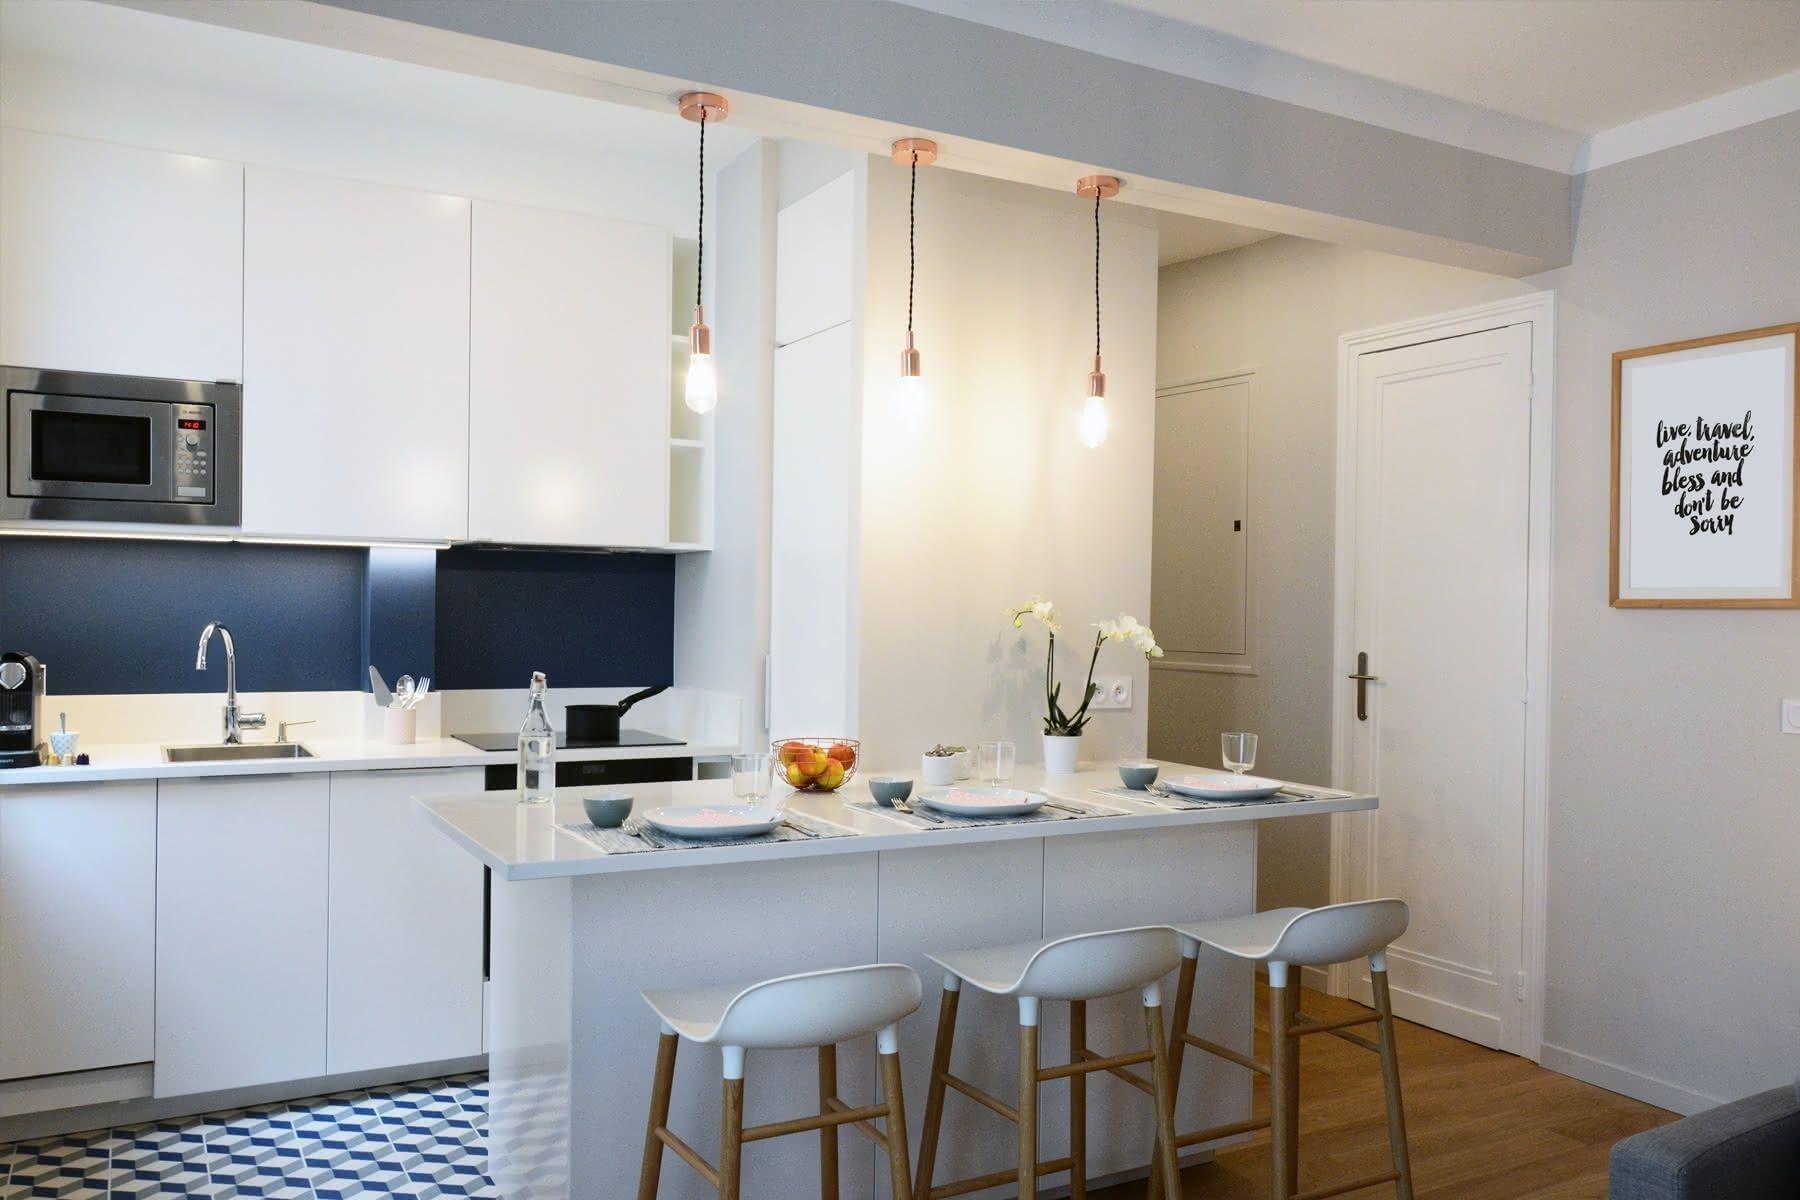 Cuisine Ouverte Sur Salon 30M2 In 2020 | Open Kitchen And tout Cuisine Salon 30M2